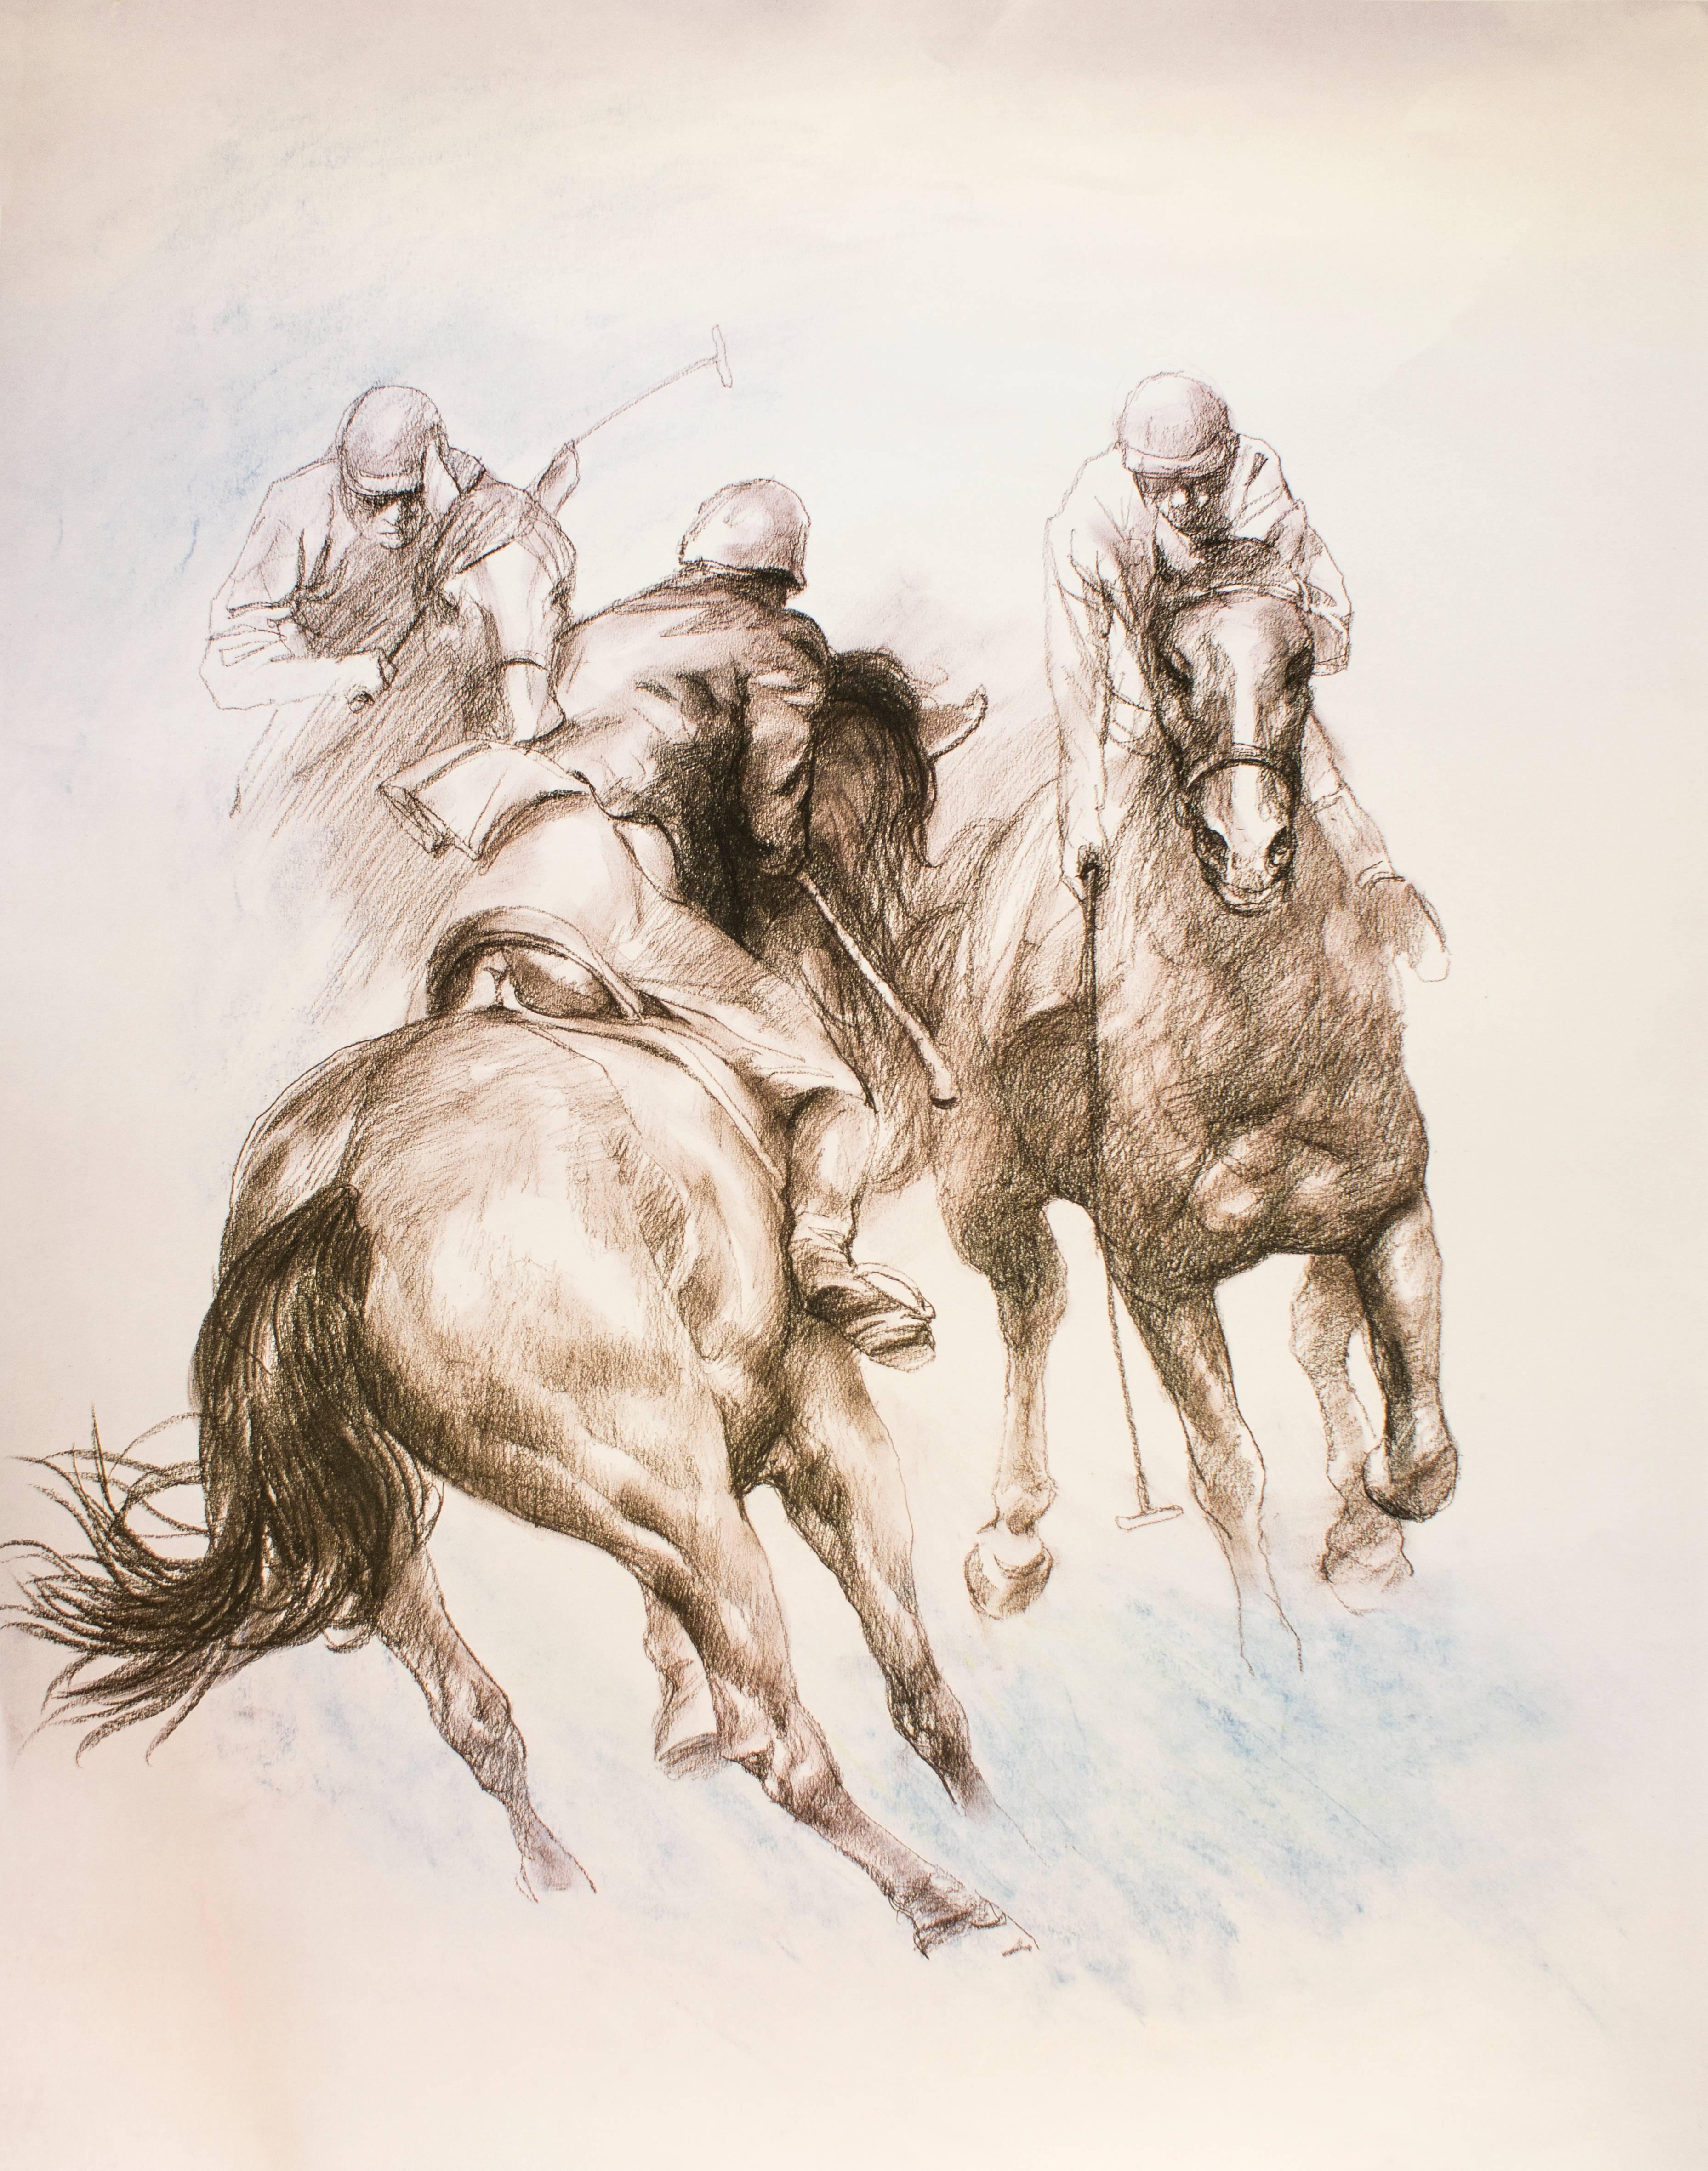 Equestrian - Original Lithograph by Zhou Zhiwei - 2008